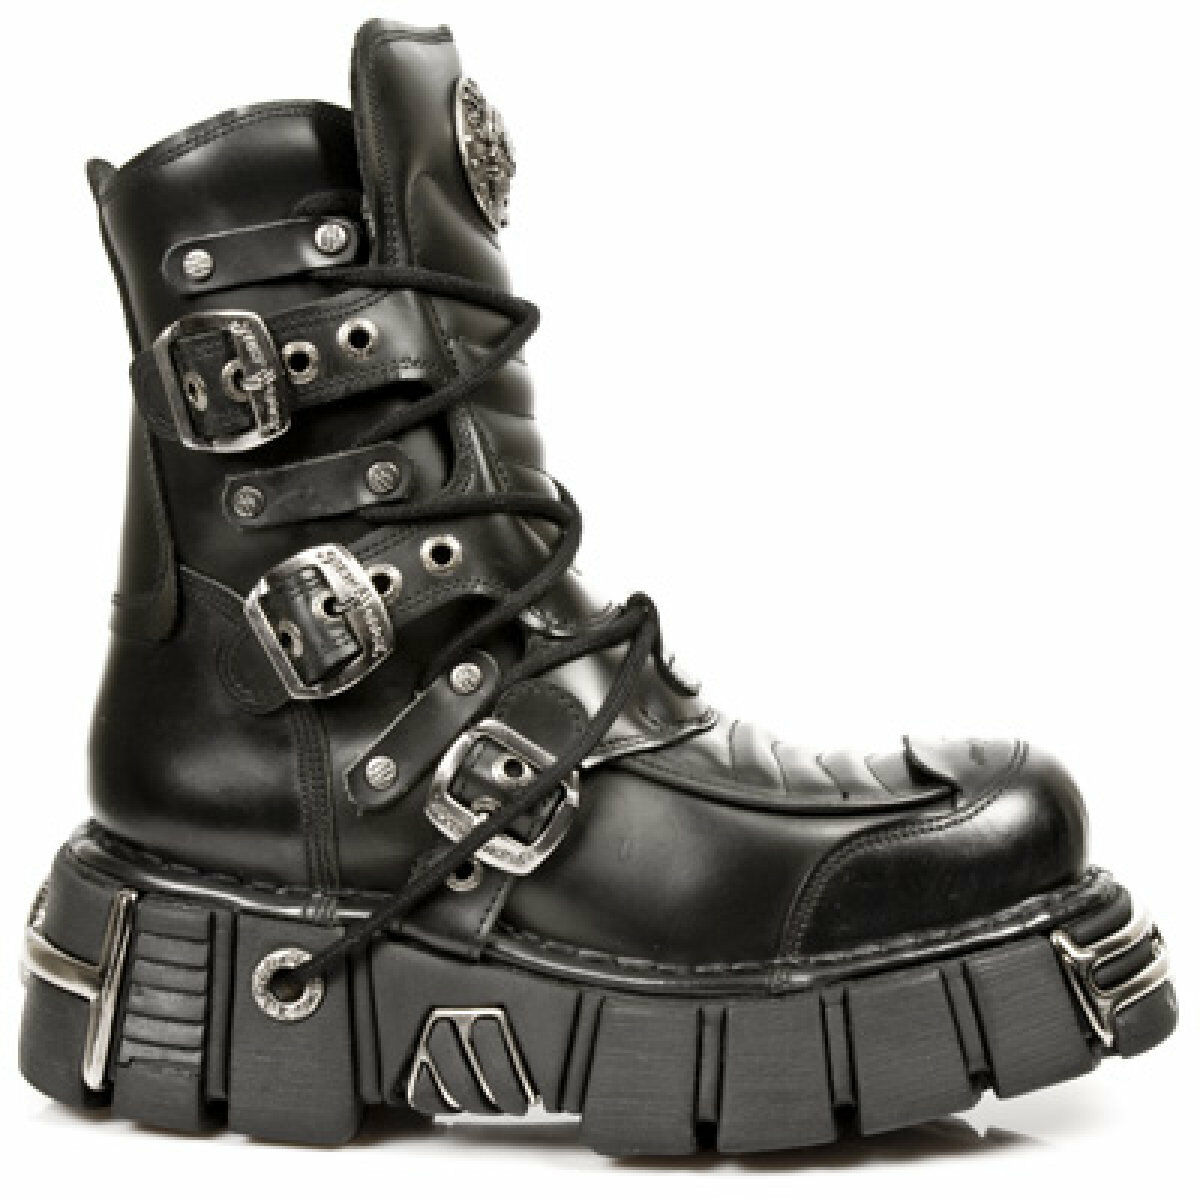 New Rock Boots M.987-S1 Zwarte Laarzen Leer - Goth, Punk, Gothic Metal Maat 45